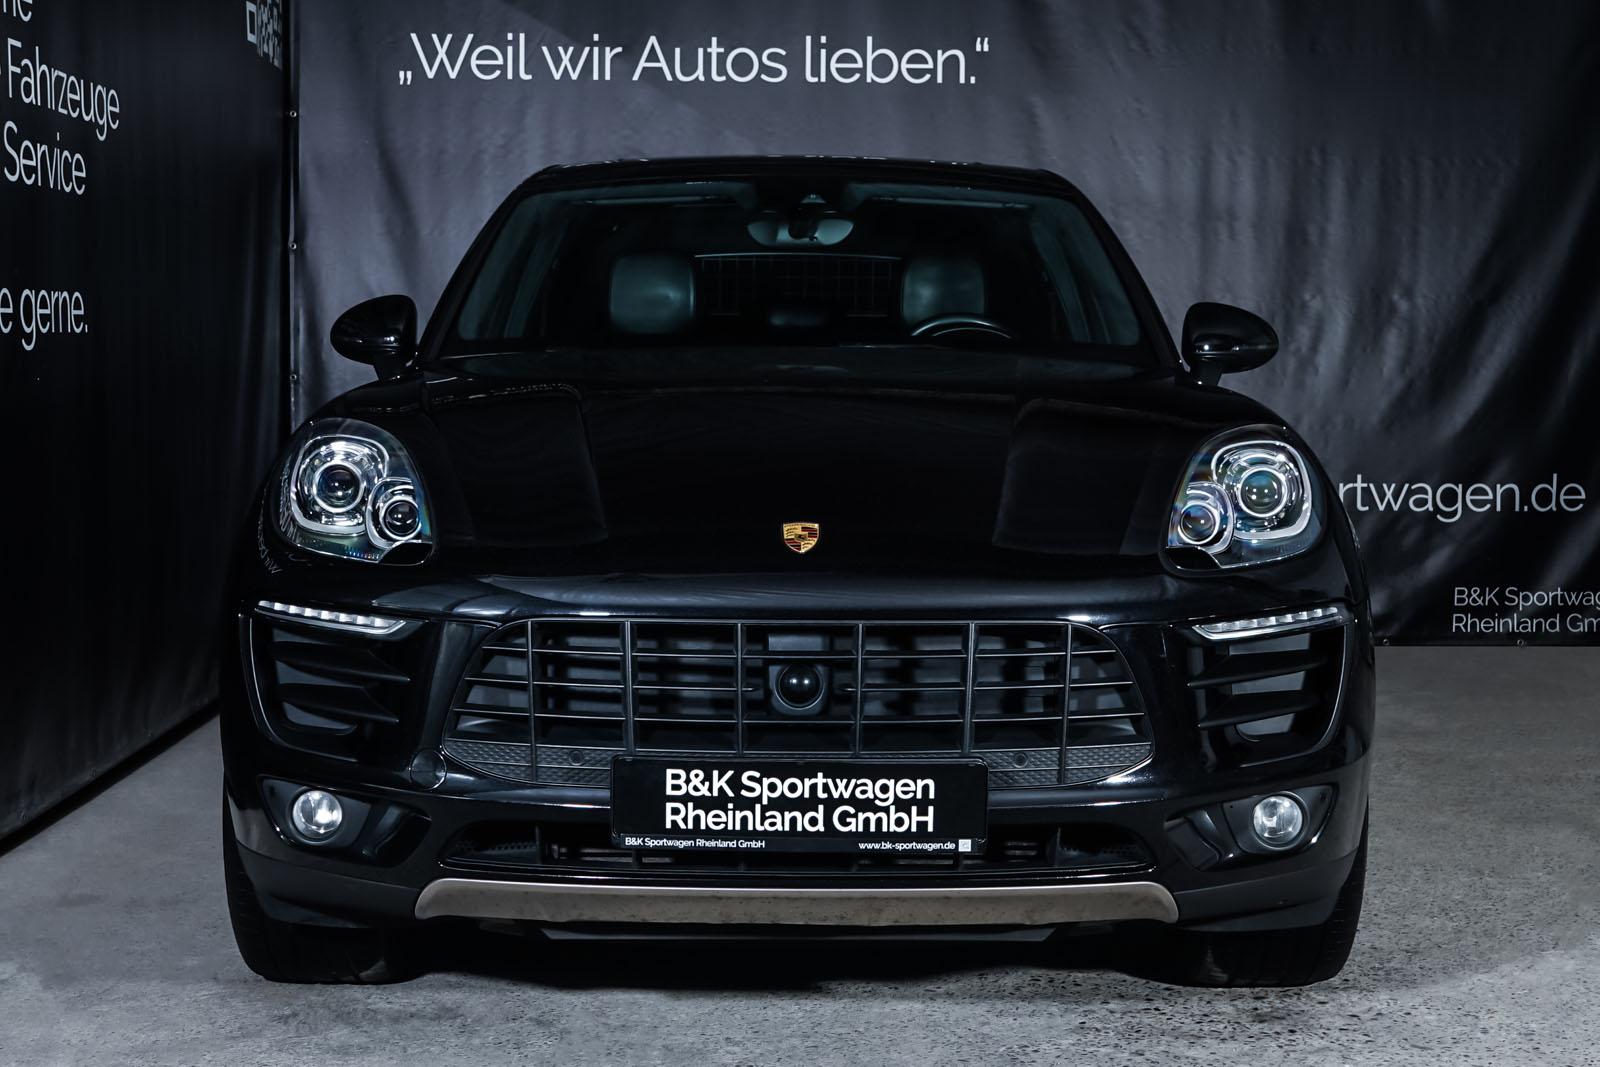 Porsche_Macan_S_Tiefschwarz_Schwarz_POR-1108_1_w